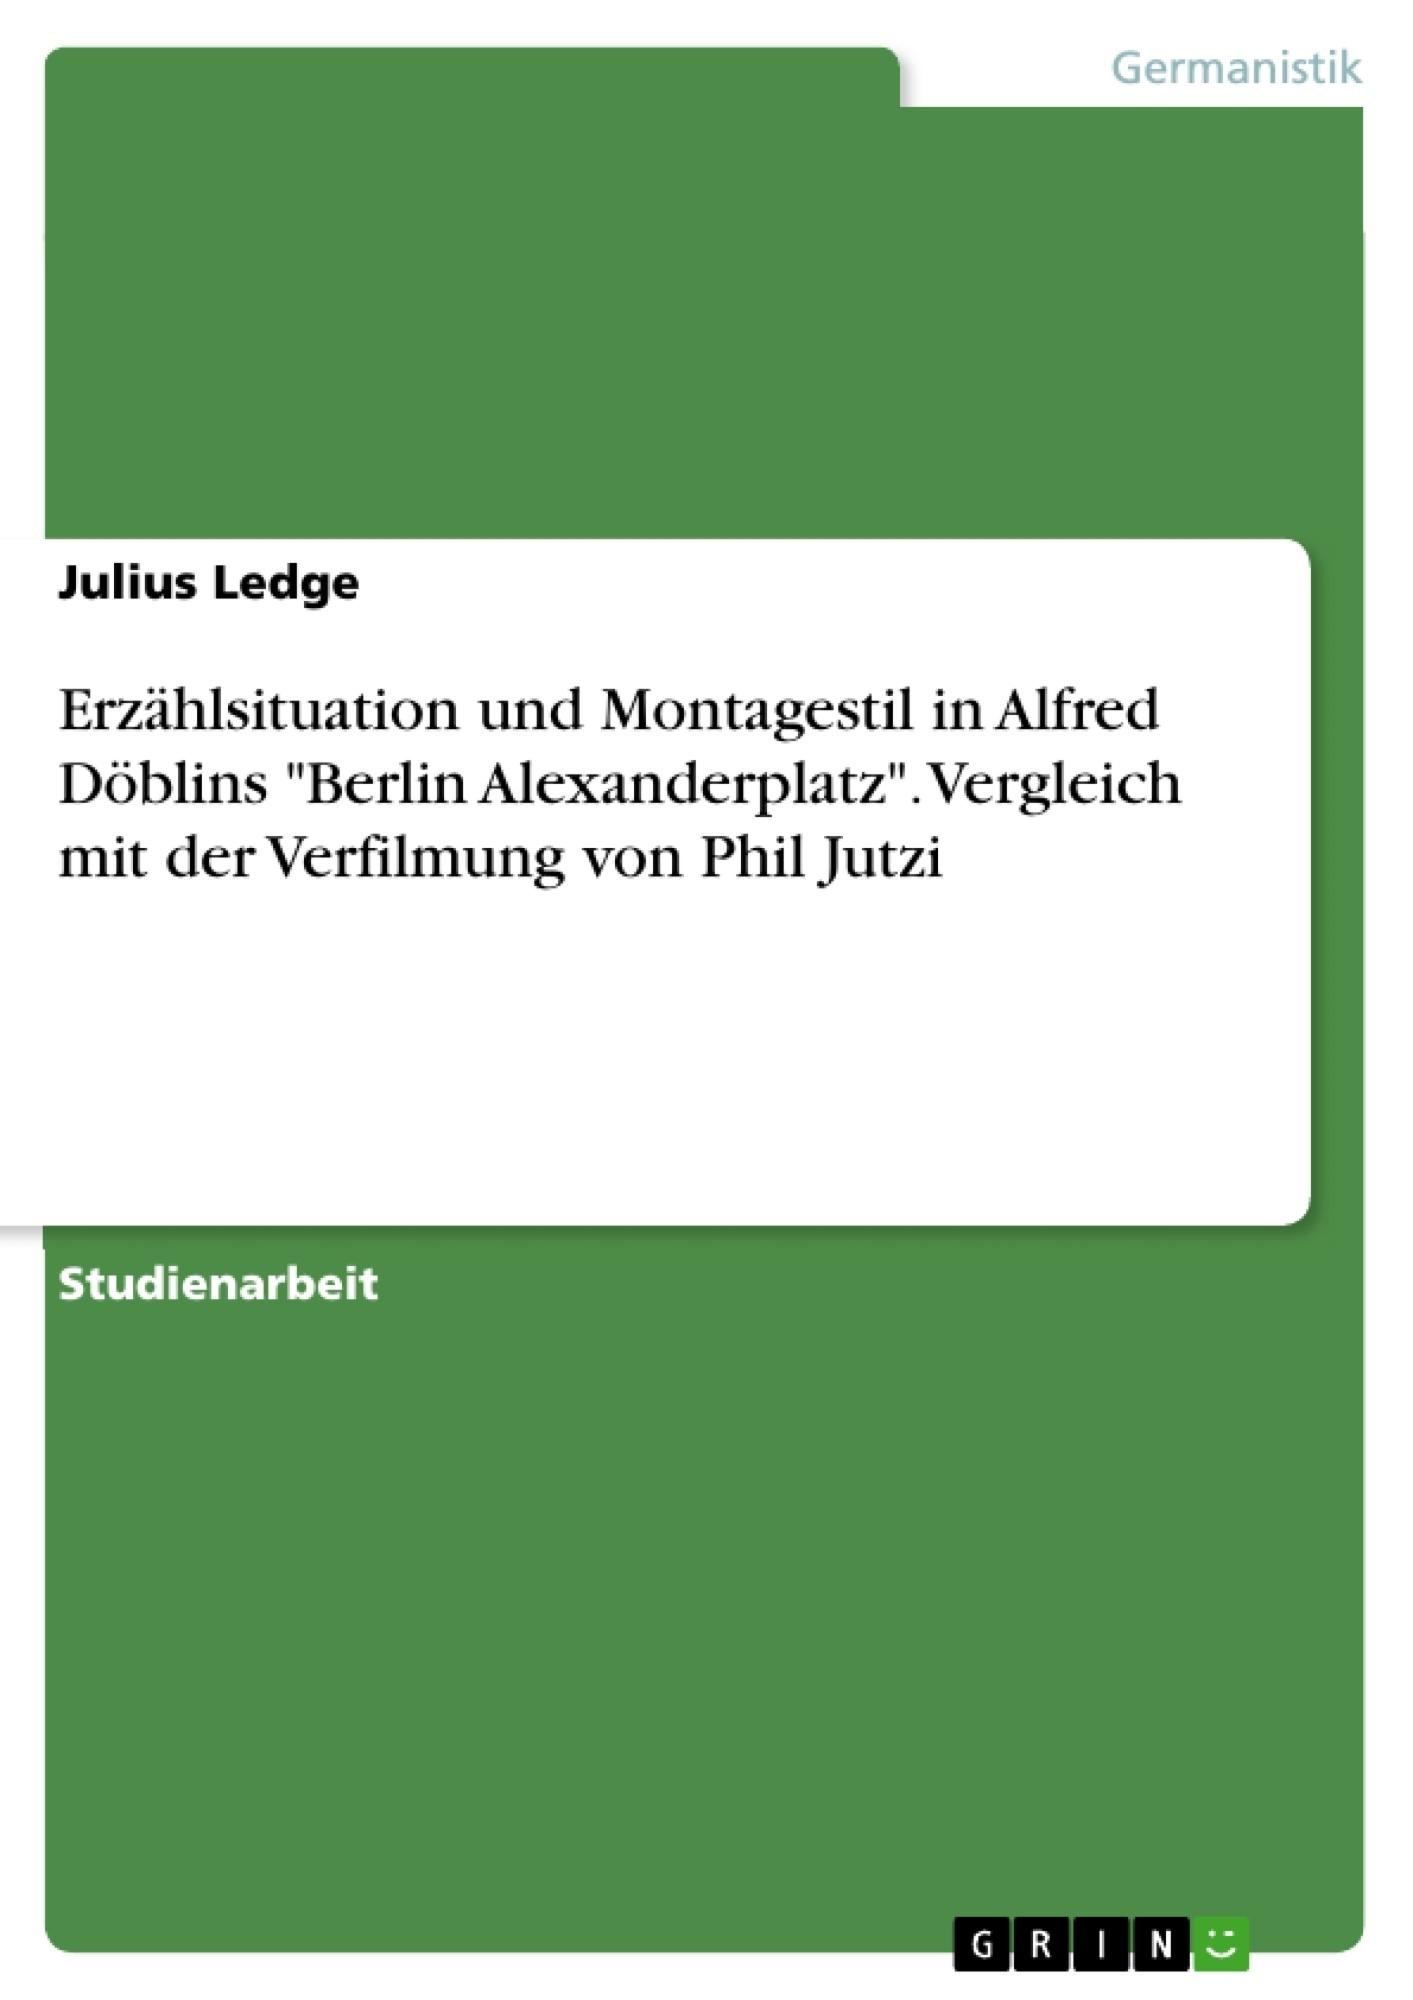 """Titel: Erzählsituation und Montagestil in Alfred Döblins """"Berlin Alexanderplatz"""". Vergleich mit der Verfilmung von Phil Jutzi"""